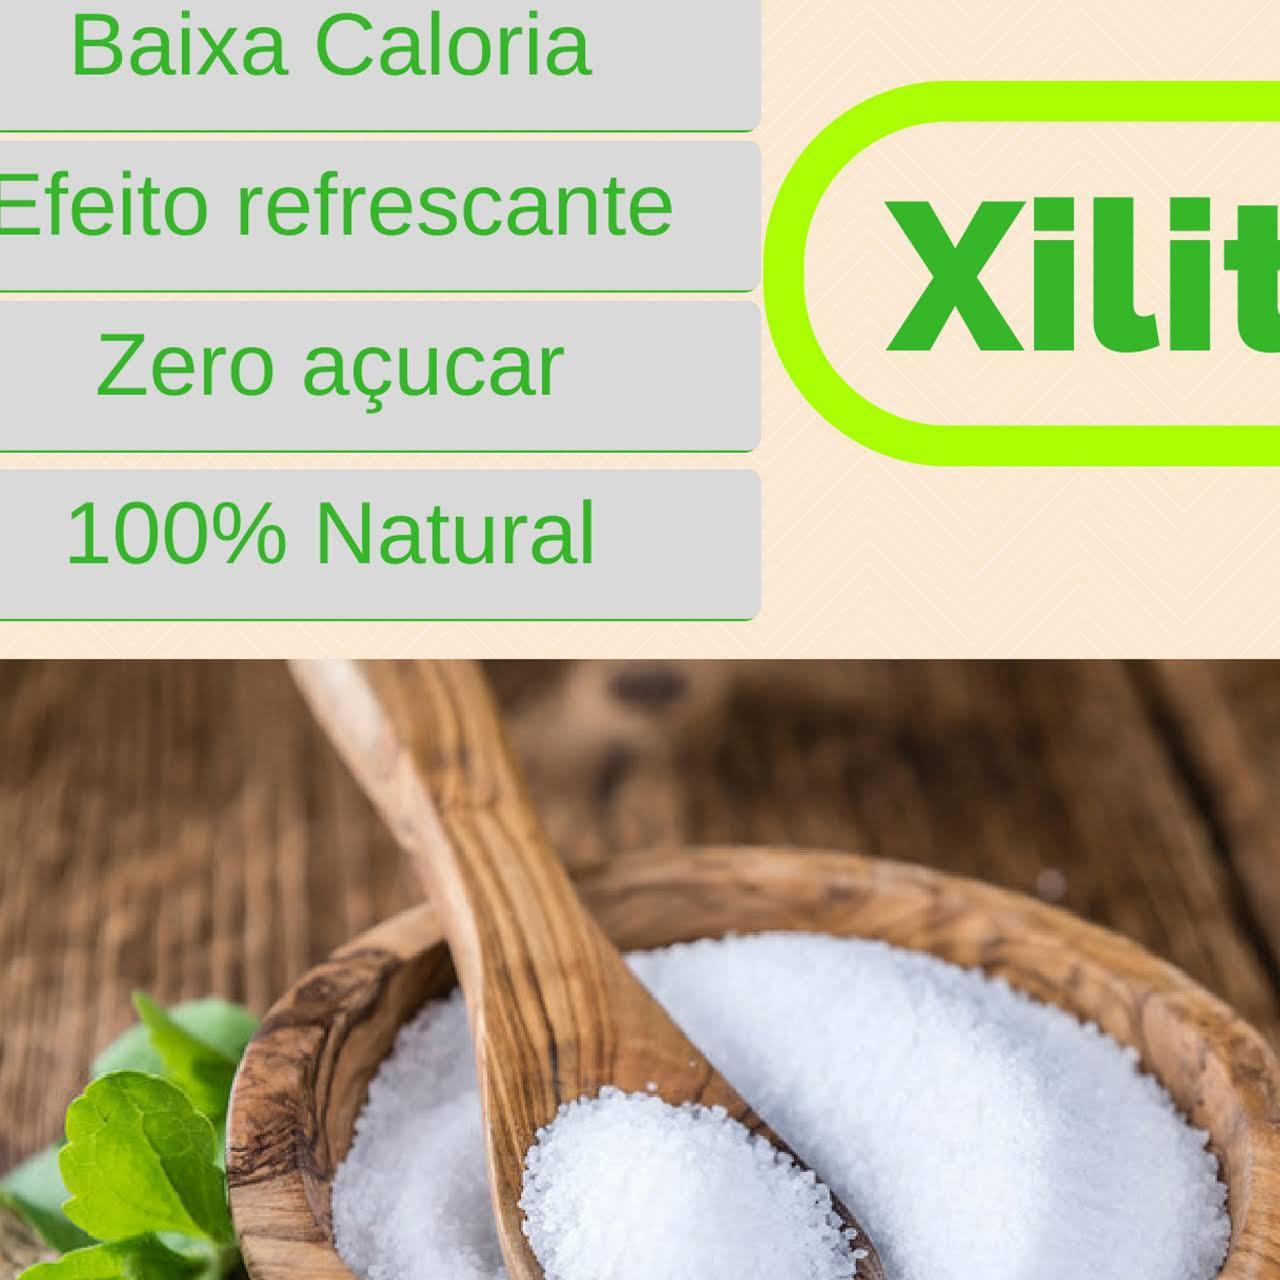 Kit Com 1kg Xilitol + 1kg De Farinha De Castanha De Caju + 1kg De Cacau Alcalino Em Pó